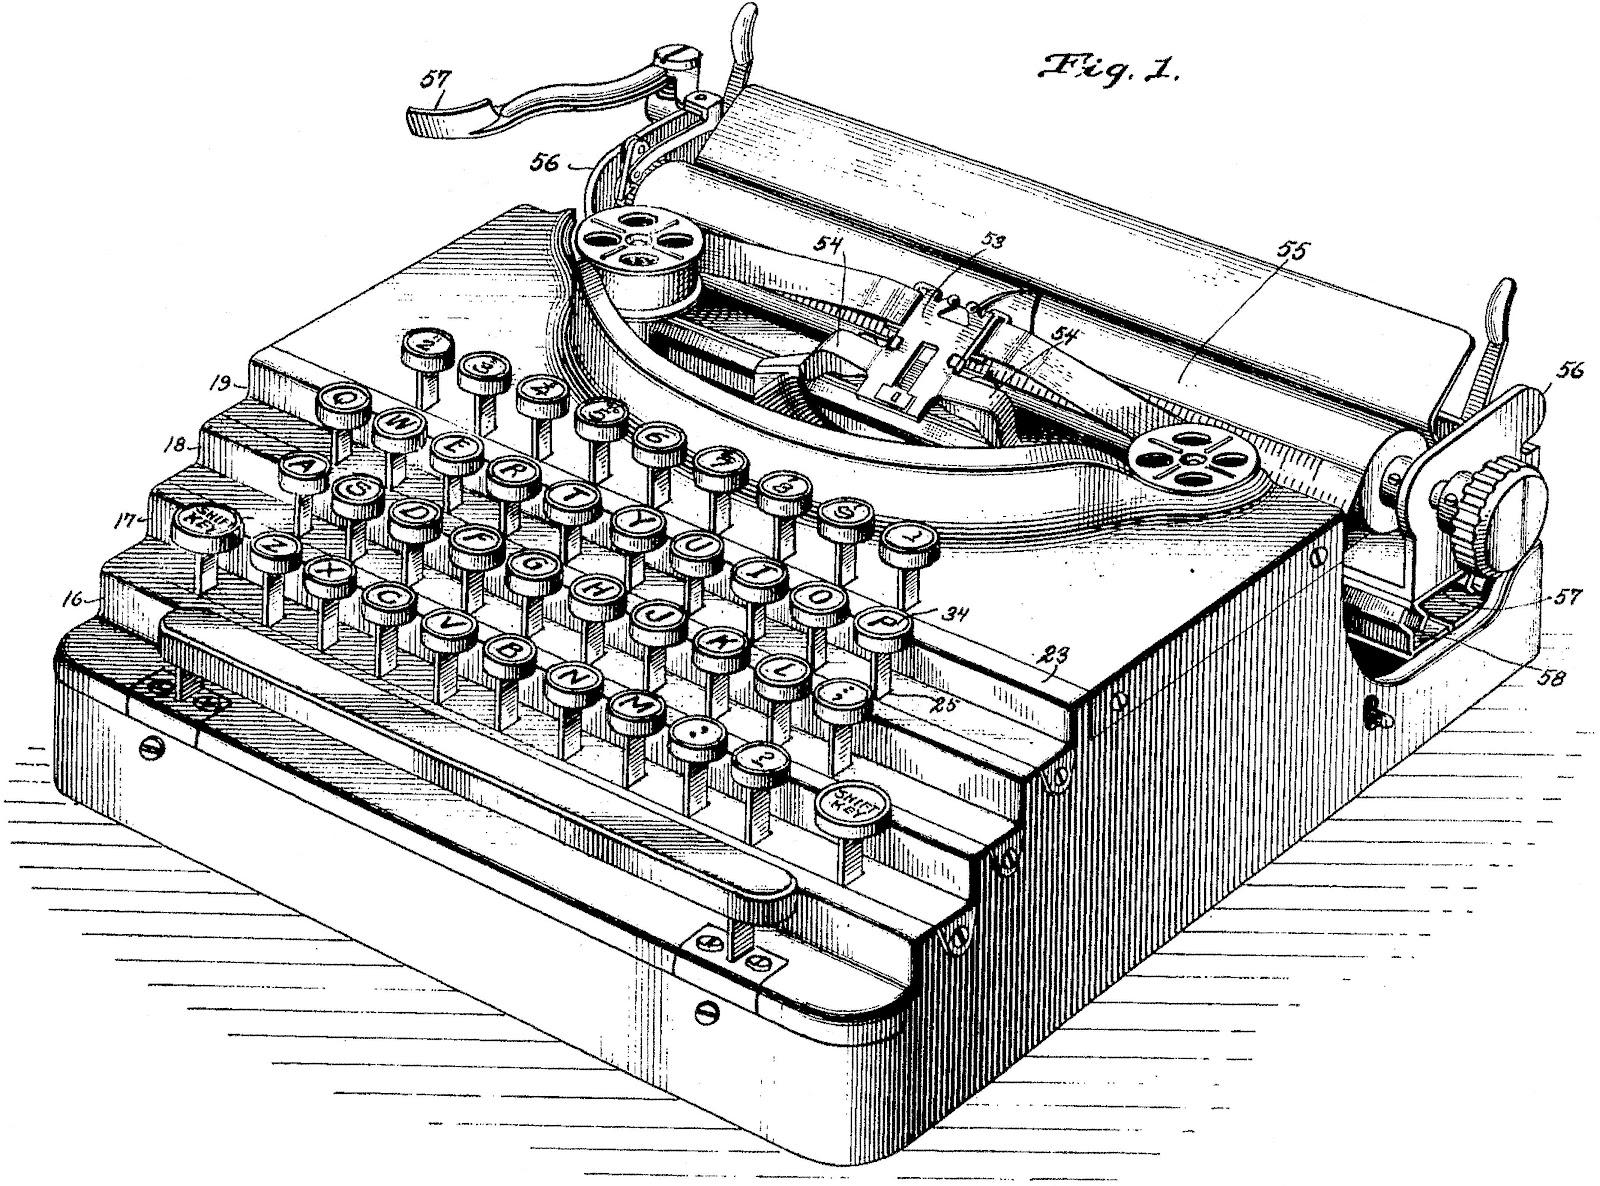 Oz Typewriter On This Day In Typewriter History V For